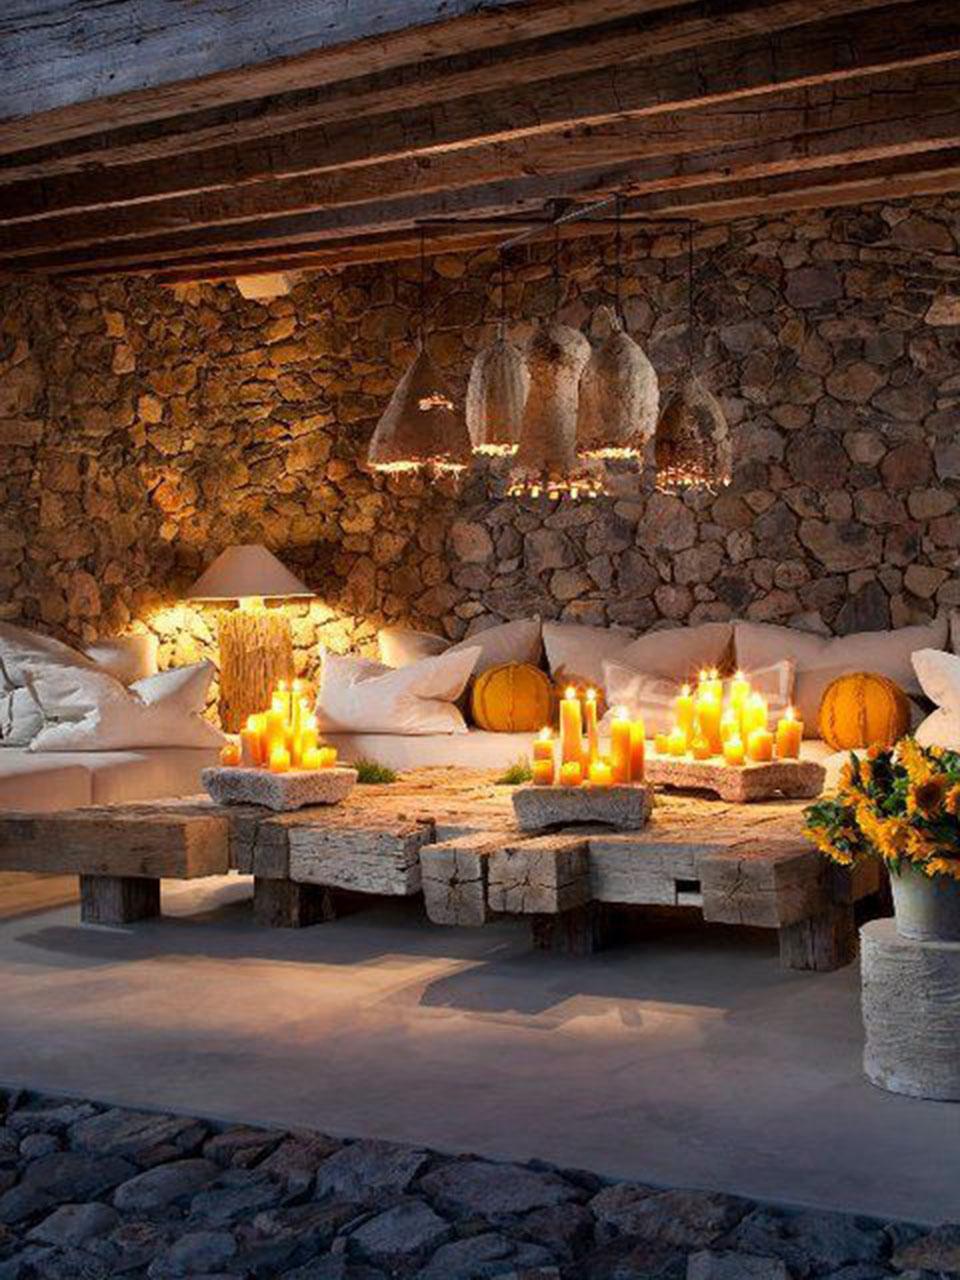 Las ideas m s incre bles para decorar con velas - Vallas decorativas para jardin ...